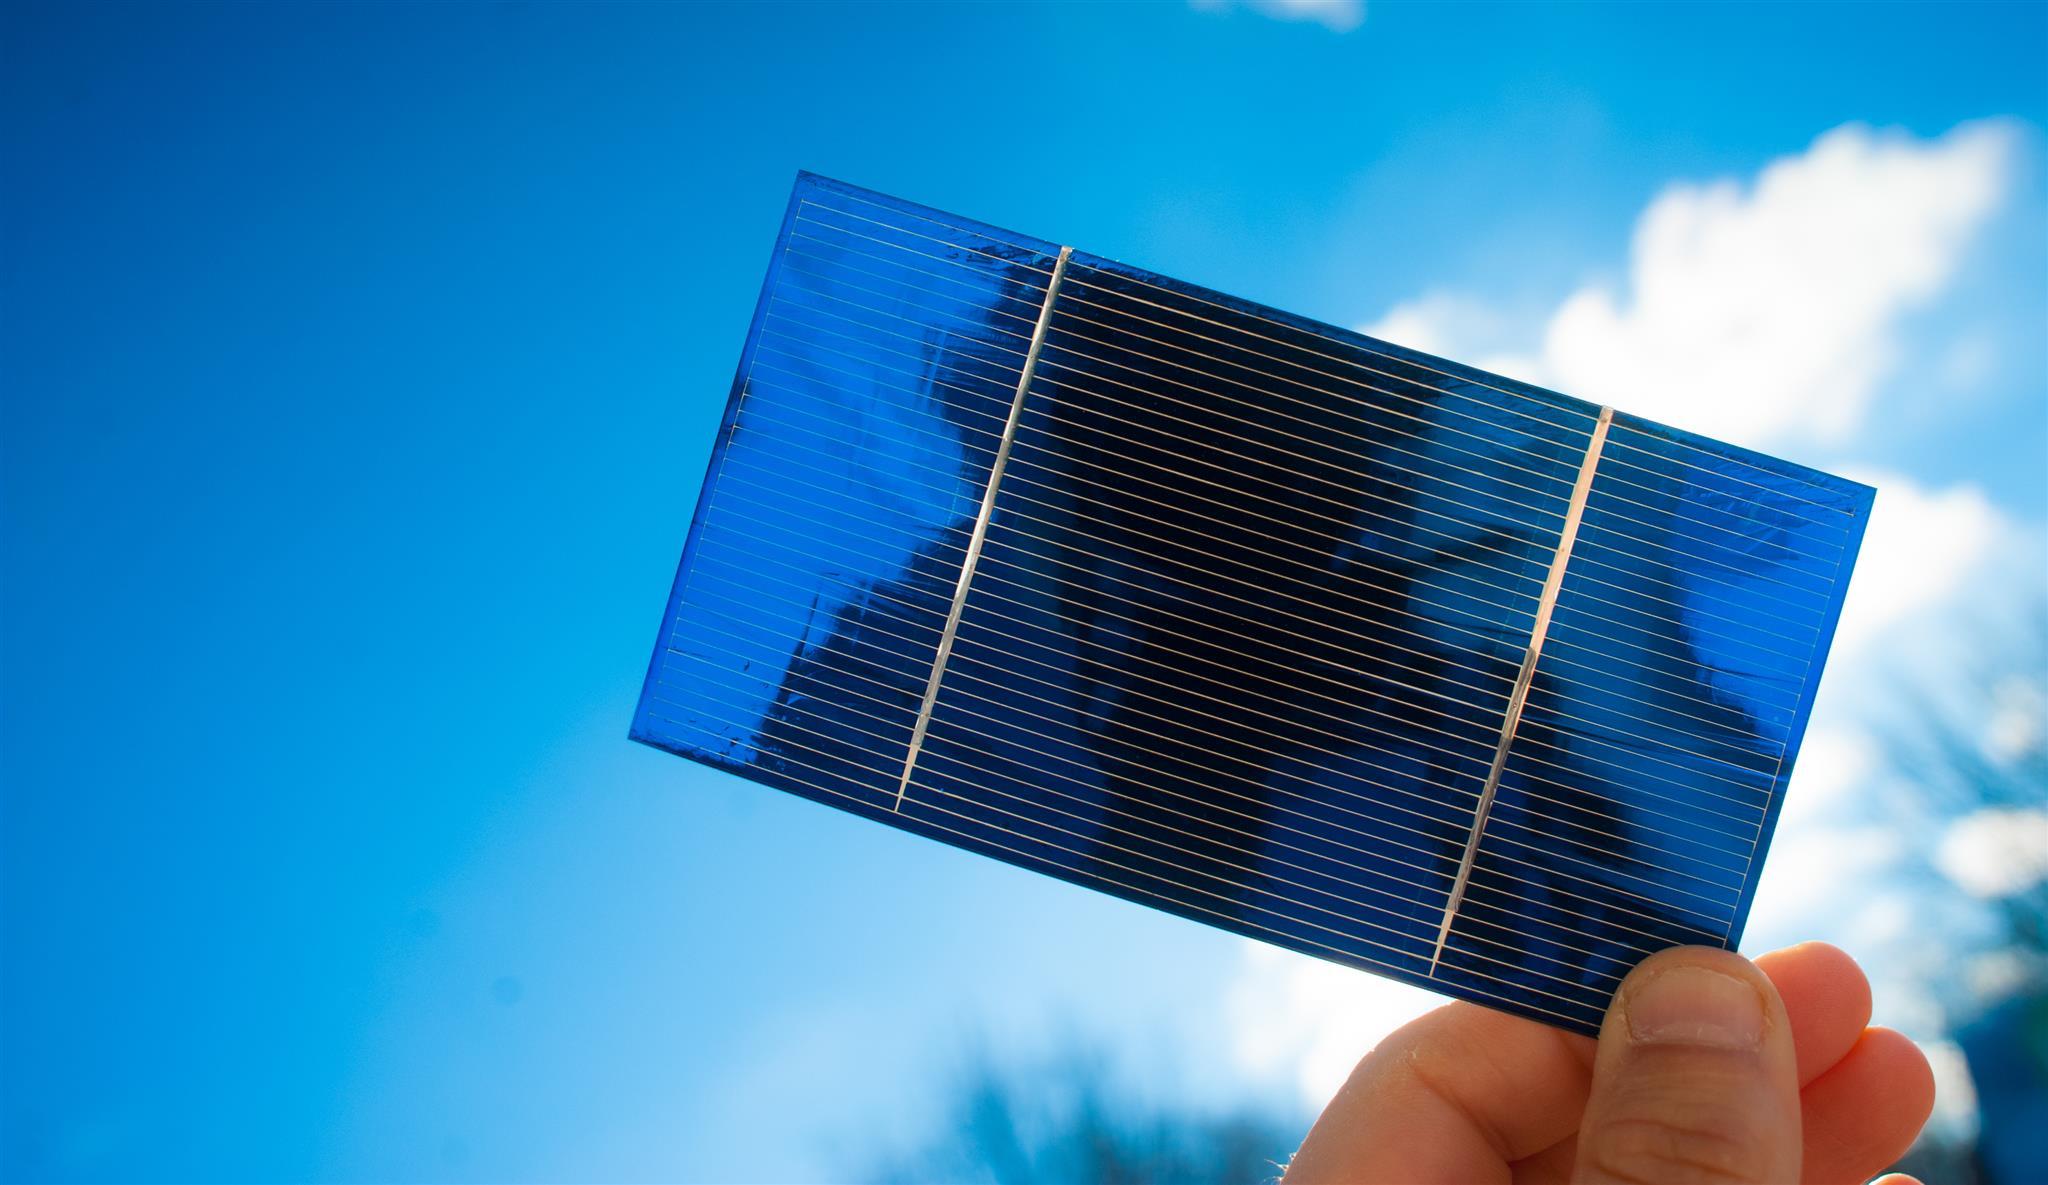 Como captar energia solar _ célula fotovoltaica